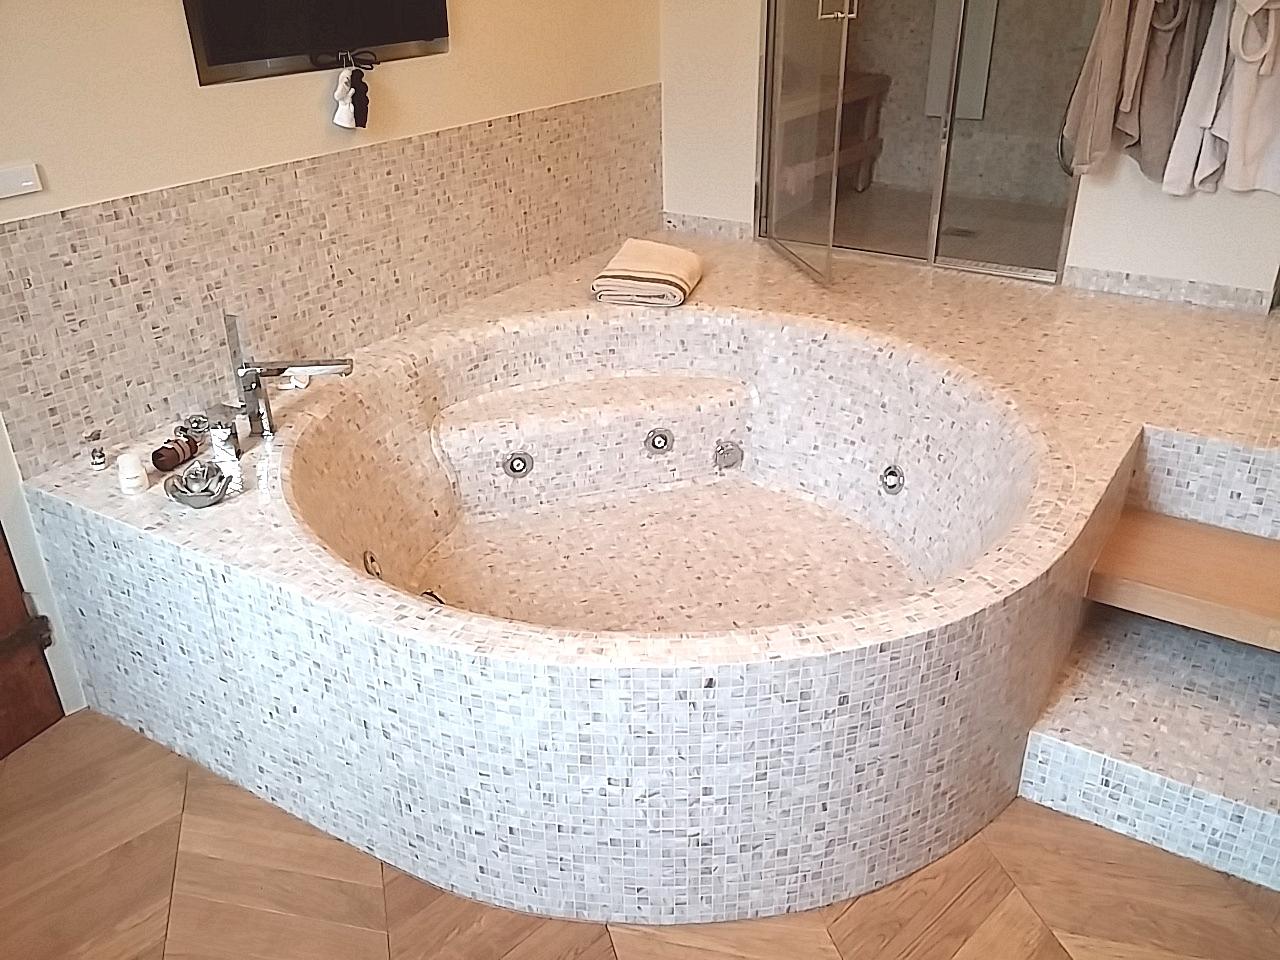 Vasca Da Bagno Più Piccola : La vasca da bagno di mosaico i mosaici del laboratorio san luca